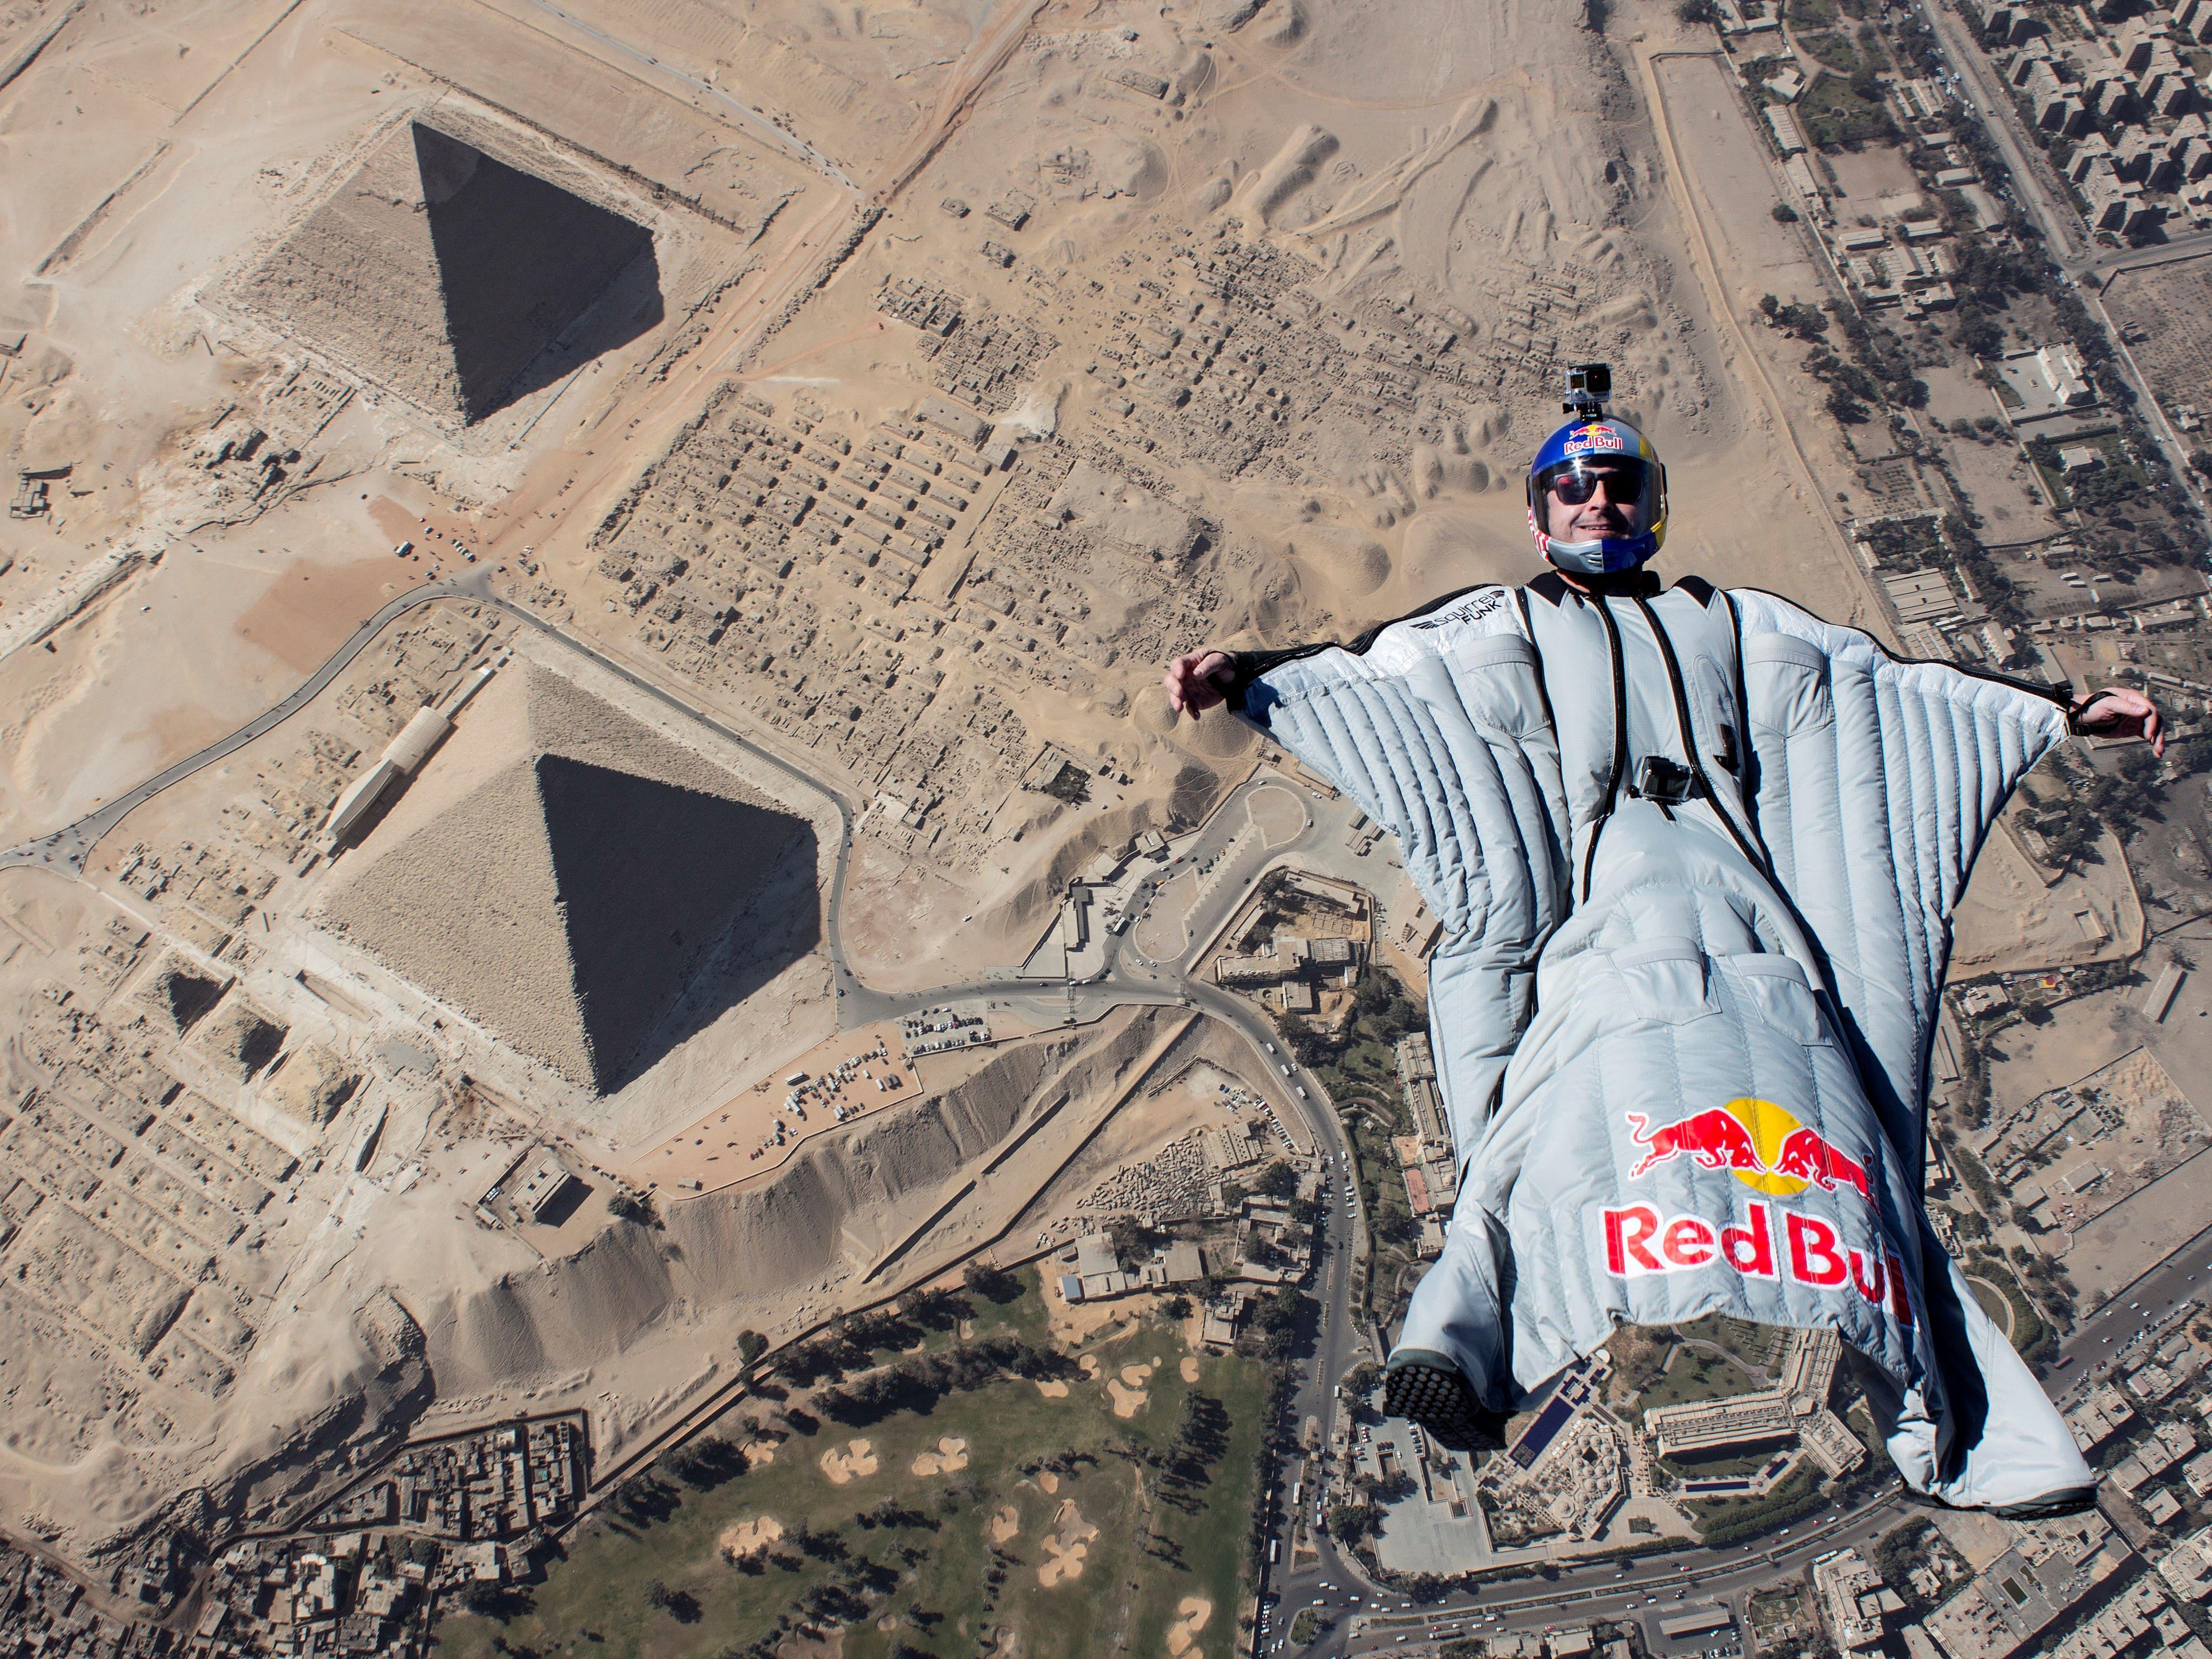 Cédric Dumont parachute WeChamp